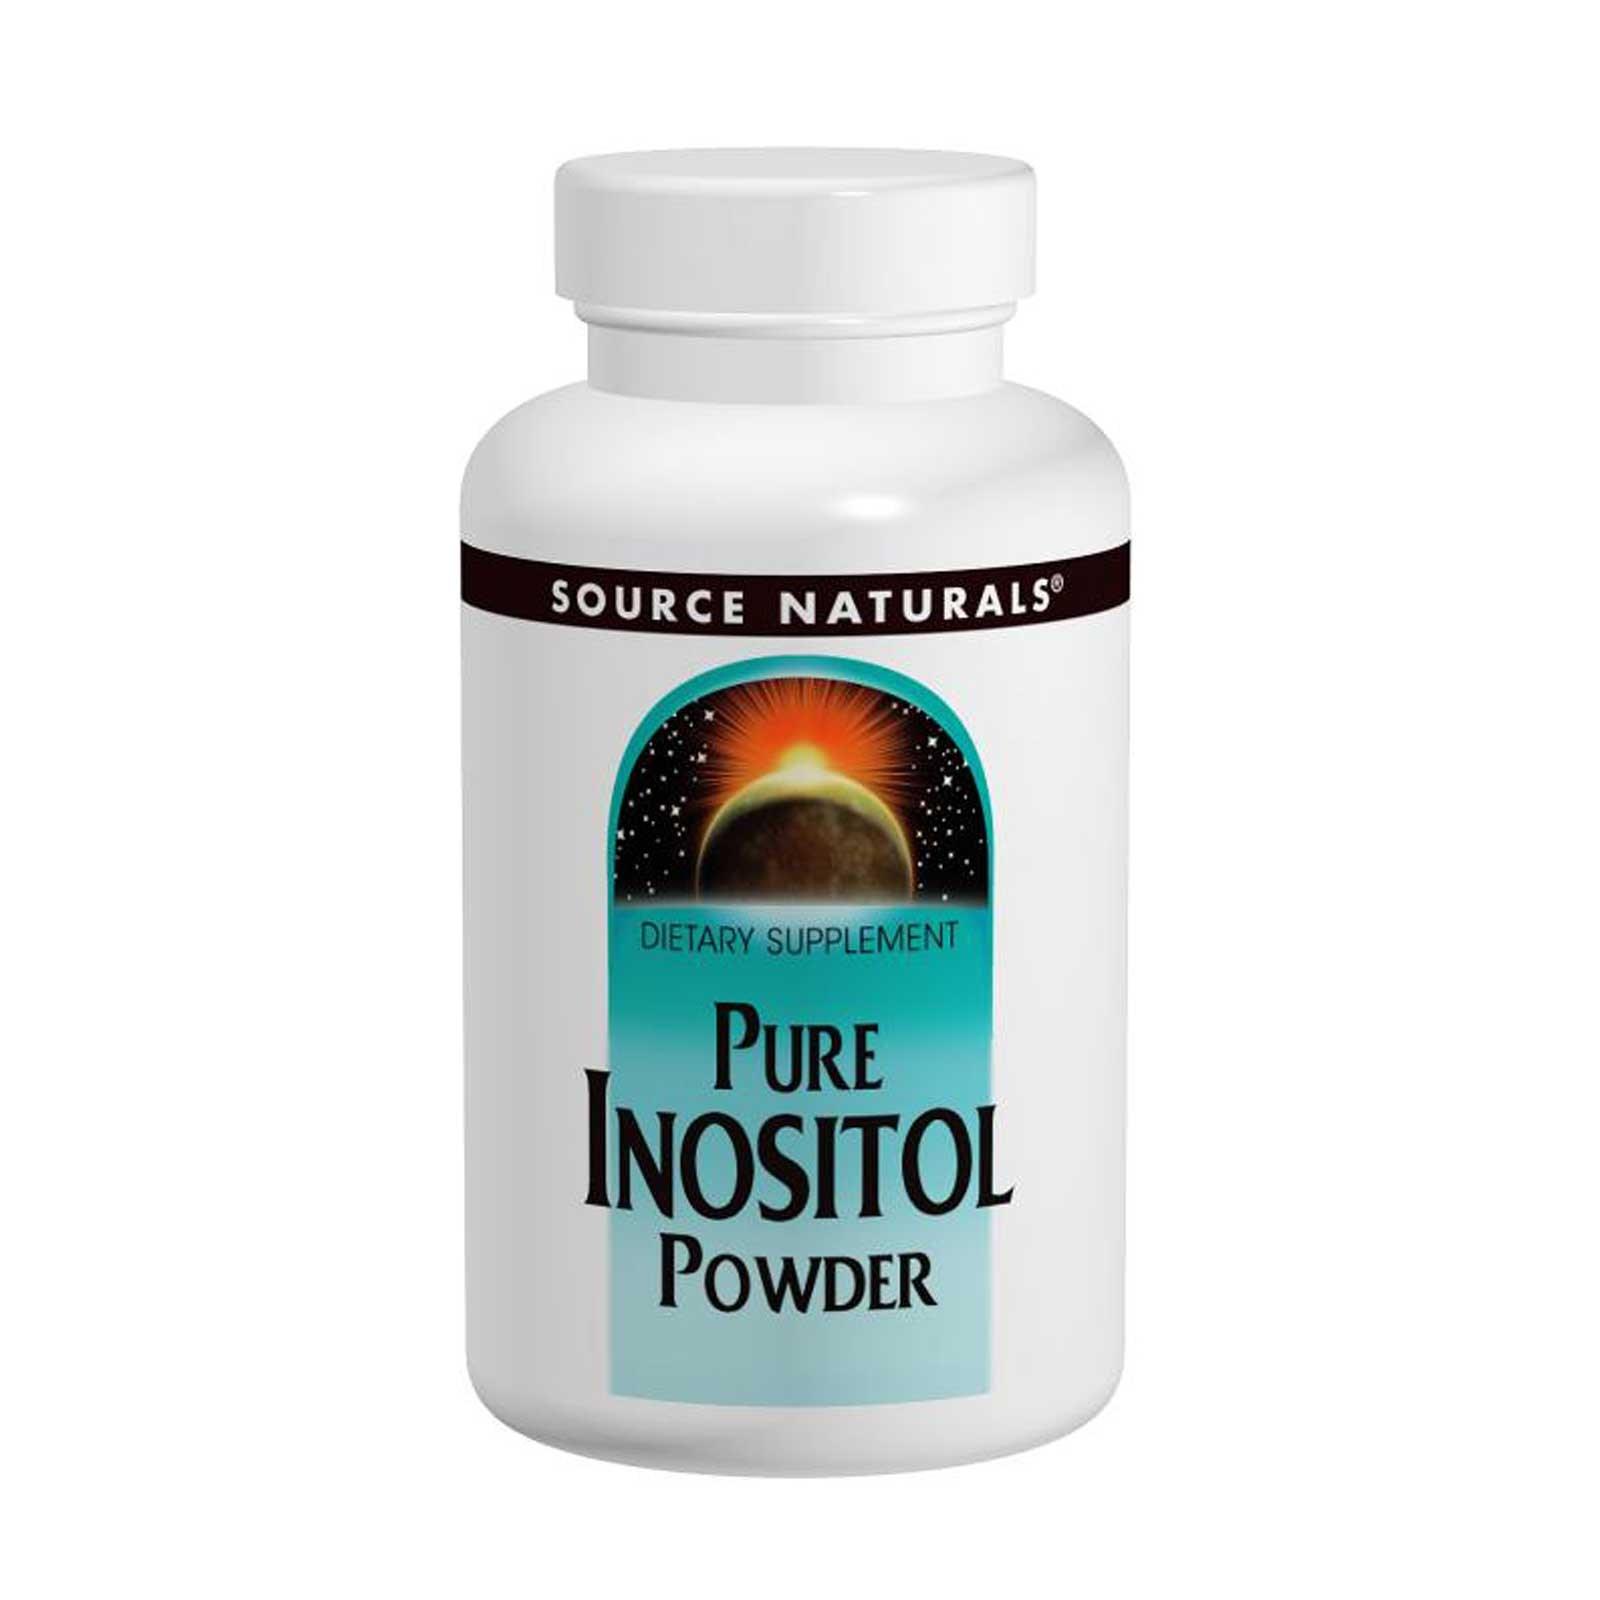 Source naturals inositol powder